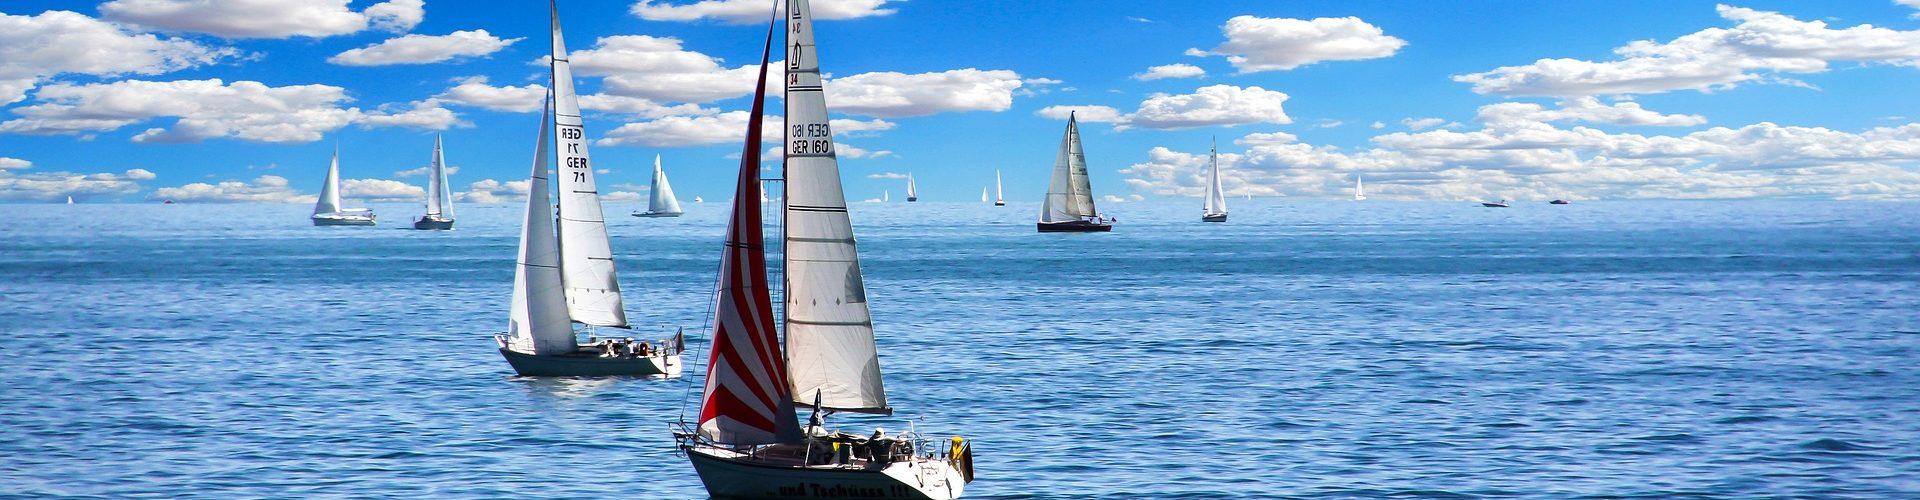 segeln lernen in Nidda segelschein machen in Nidda 1920x500 - Segeln lernen in Nidda